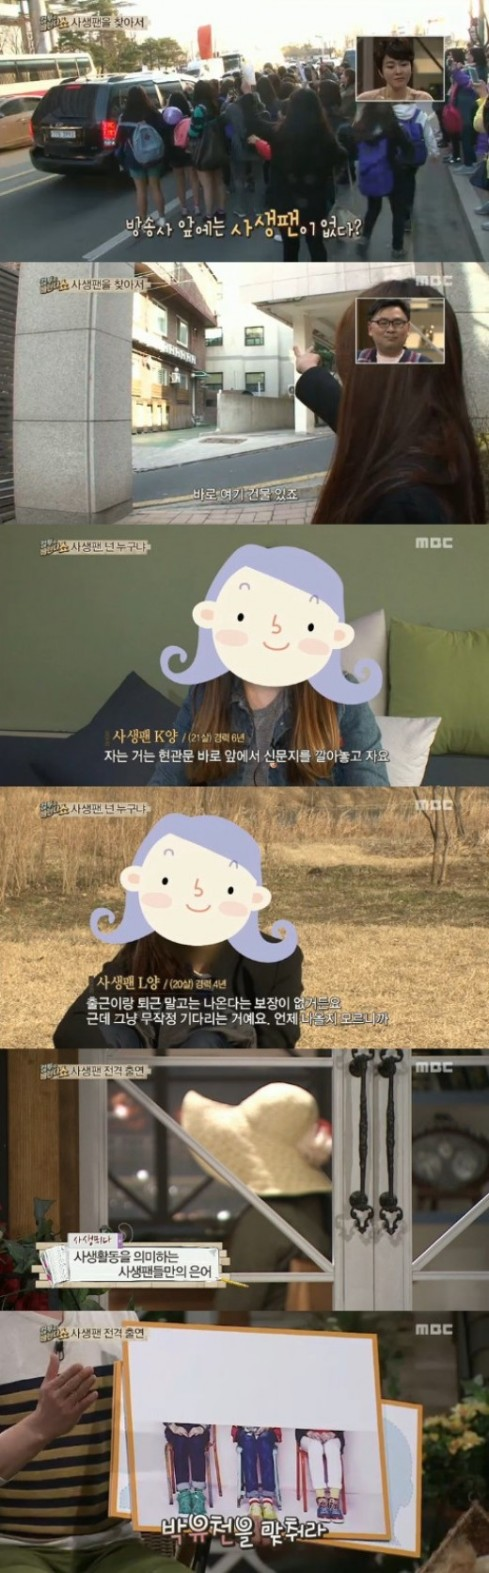 sasaeng-fan